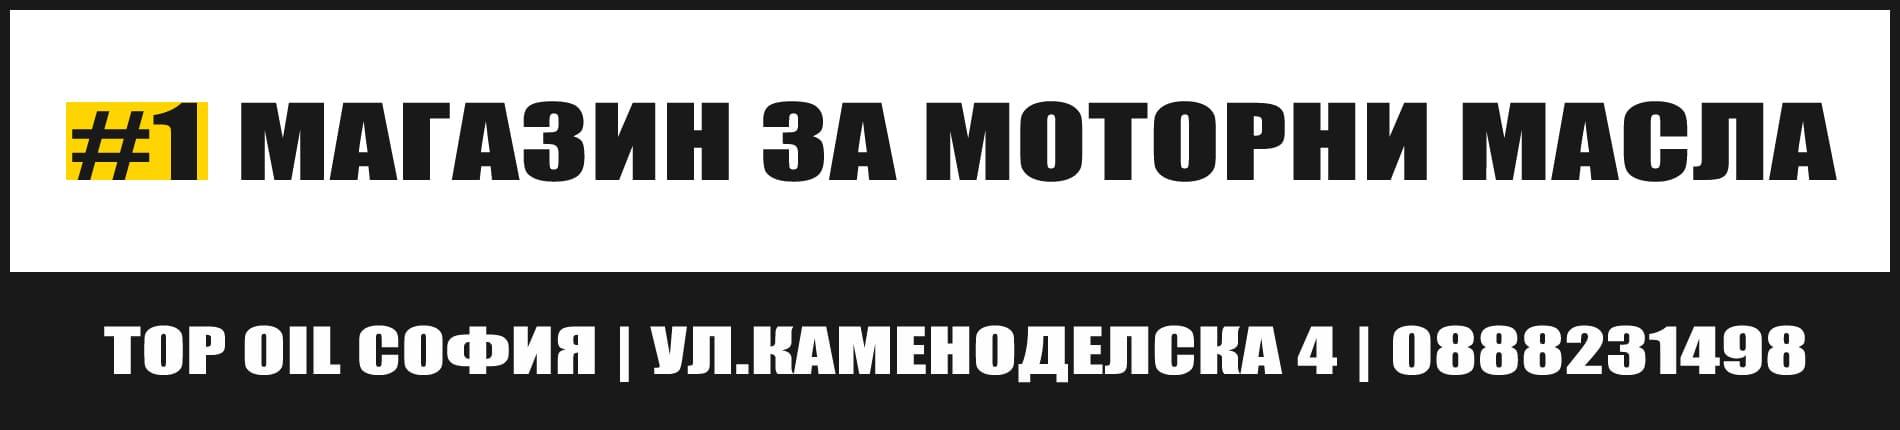 Моторни Масла на Топ Цени за Автомобили и Мотоциклети